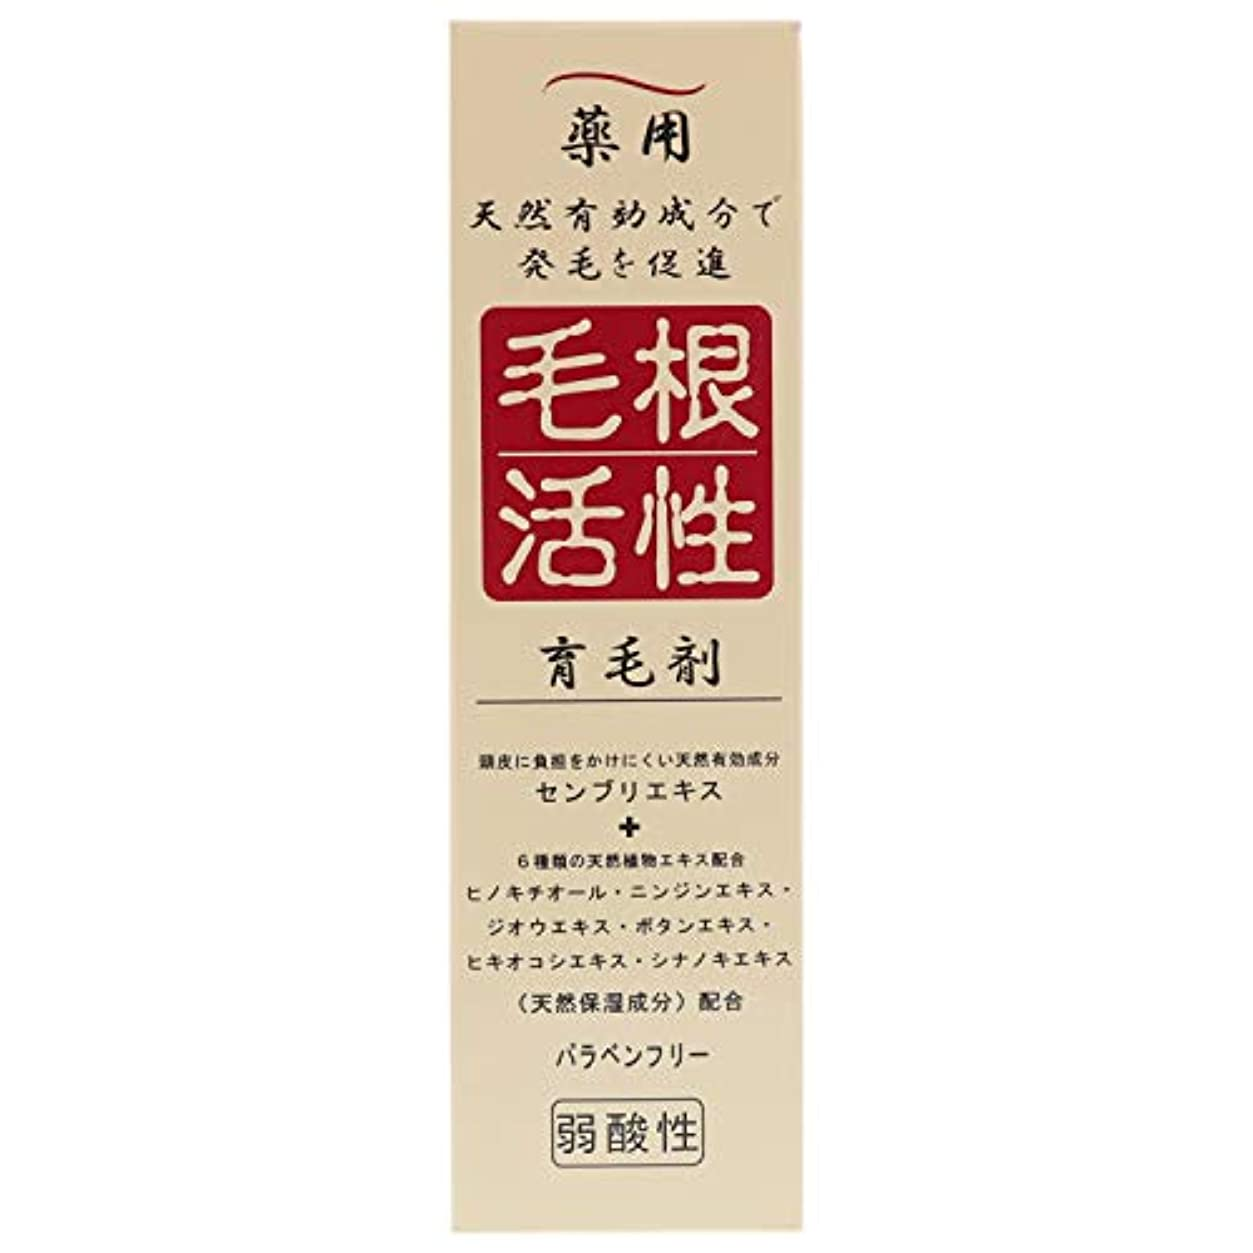 以内にオンスほのめかす薬用毛根活性育毛剤 150ml